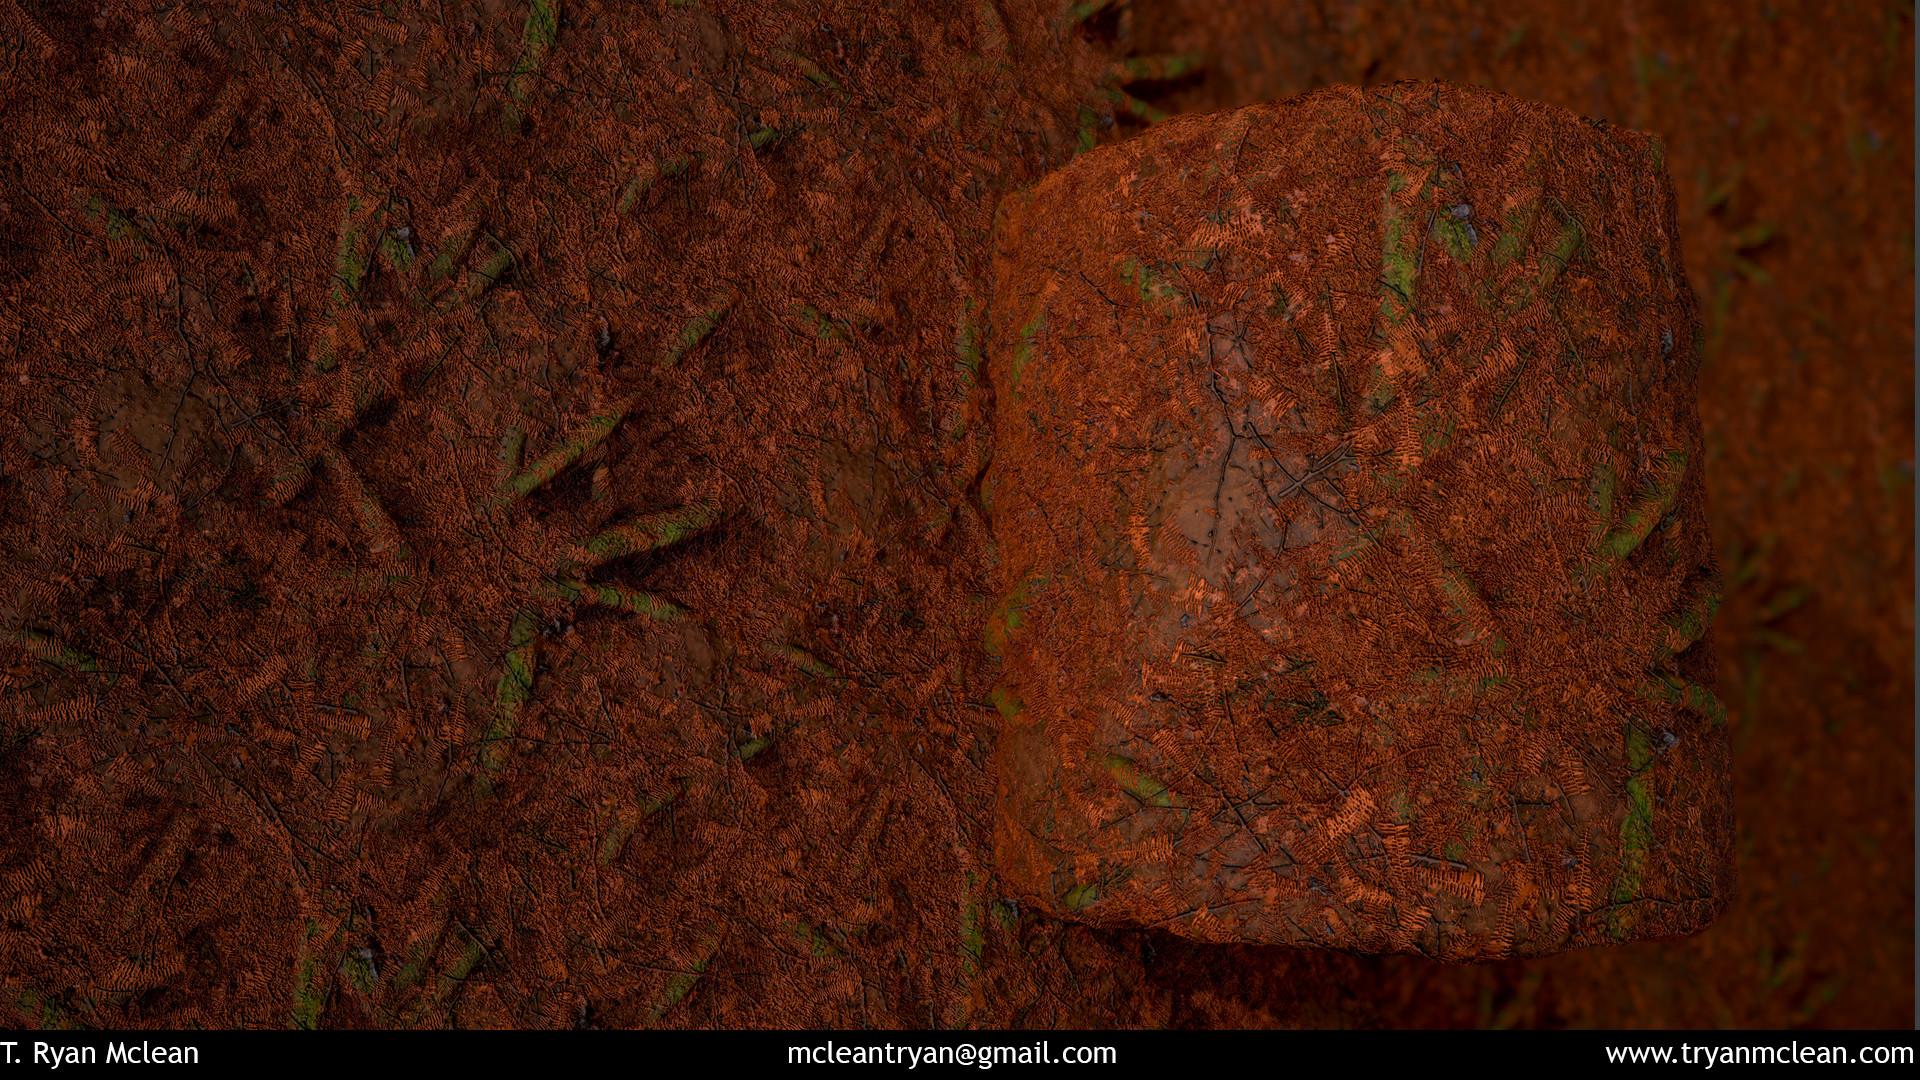 T ryan mclean forest floor 01